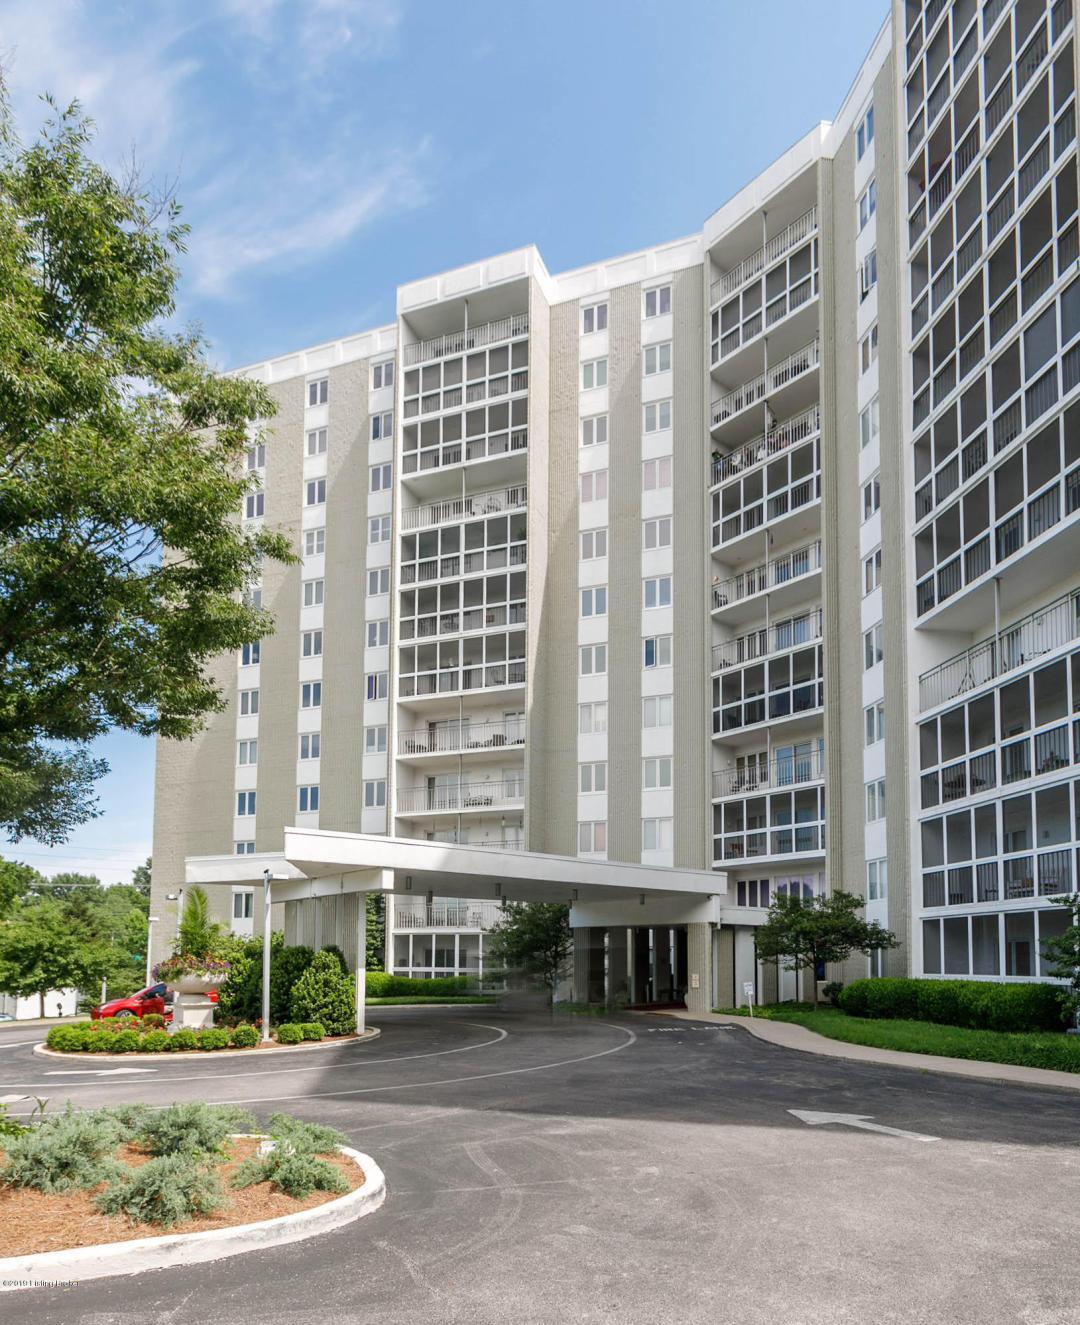 5100 US Highway 42, Louisville, Kentucky 40241, 2 Bedrooms Bedrooms, 5 Rooms Rooms,2 BathroomsBathrooms,Residential,For Sale,US Highway 42,1124,1534903